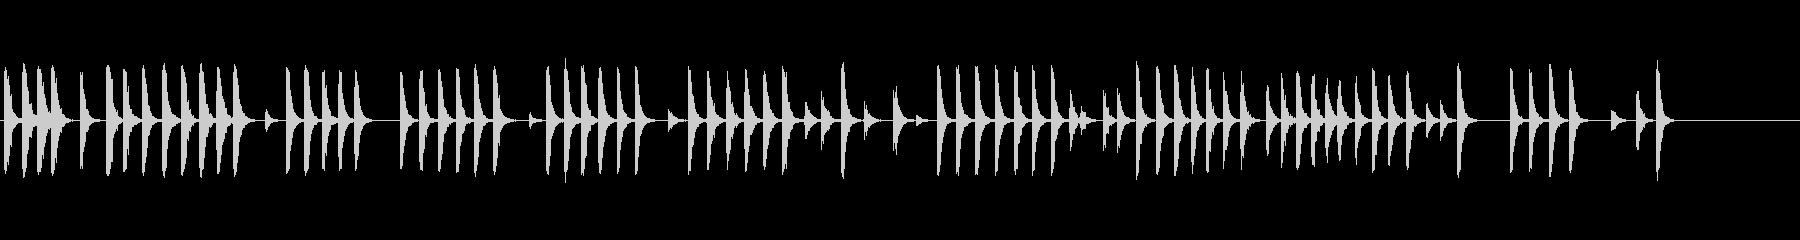 板金2のハンマーの未再生の波形